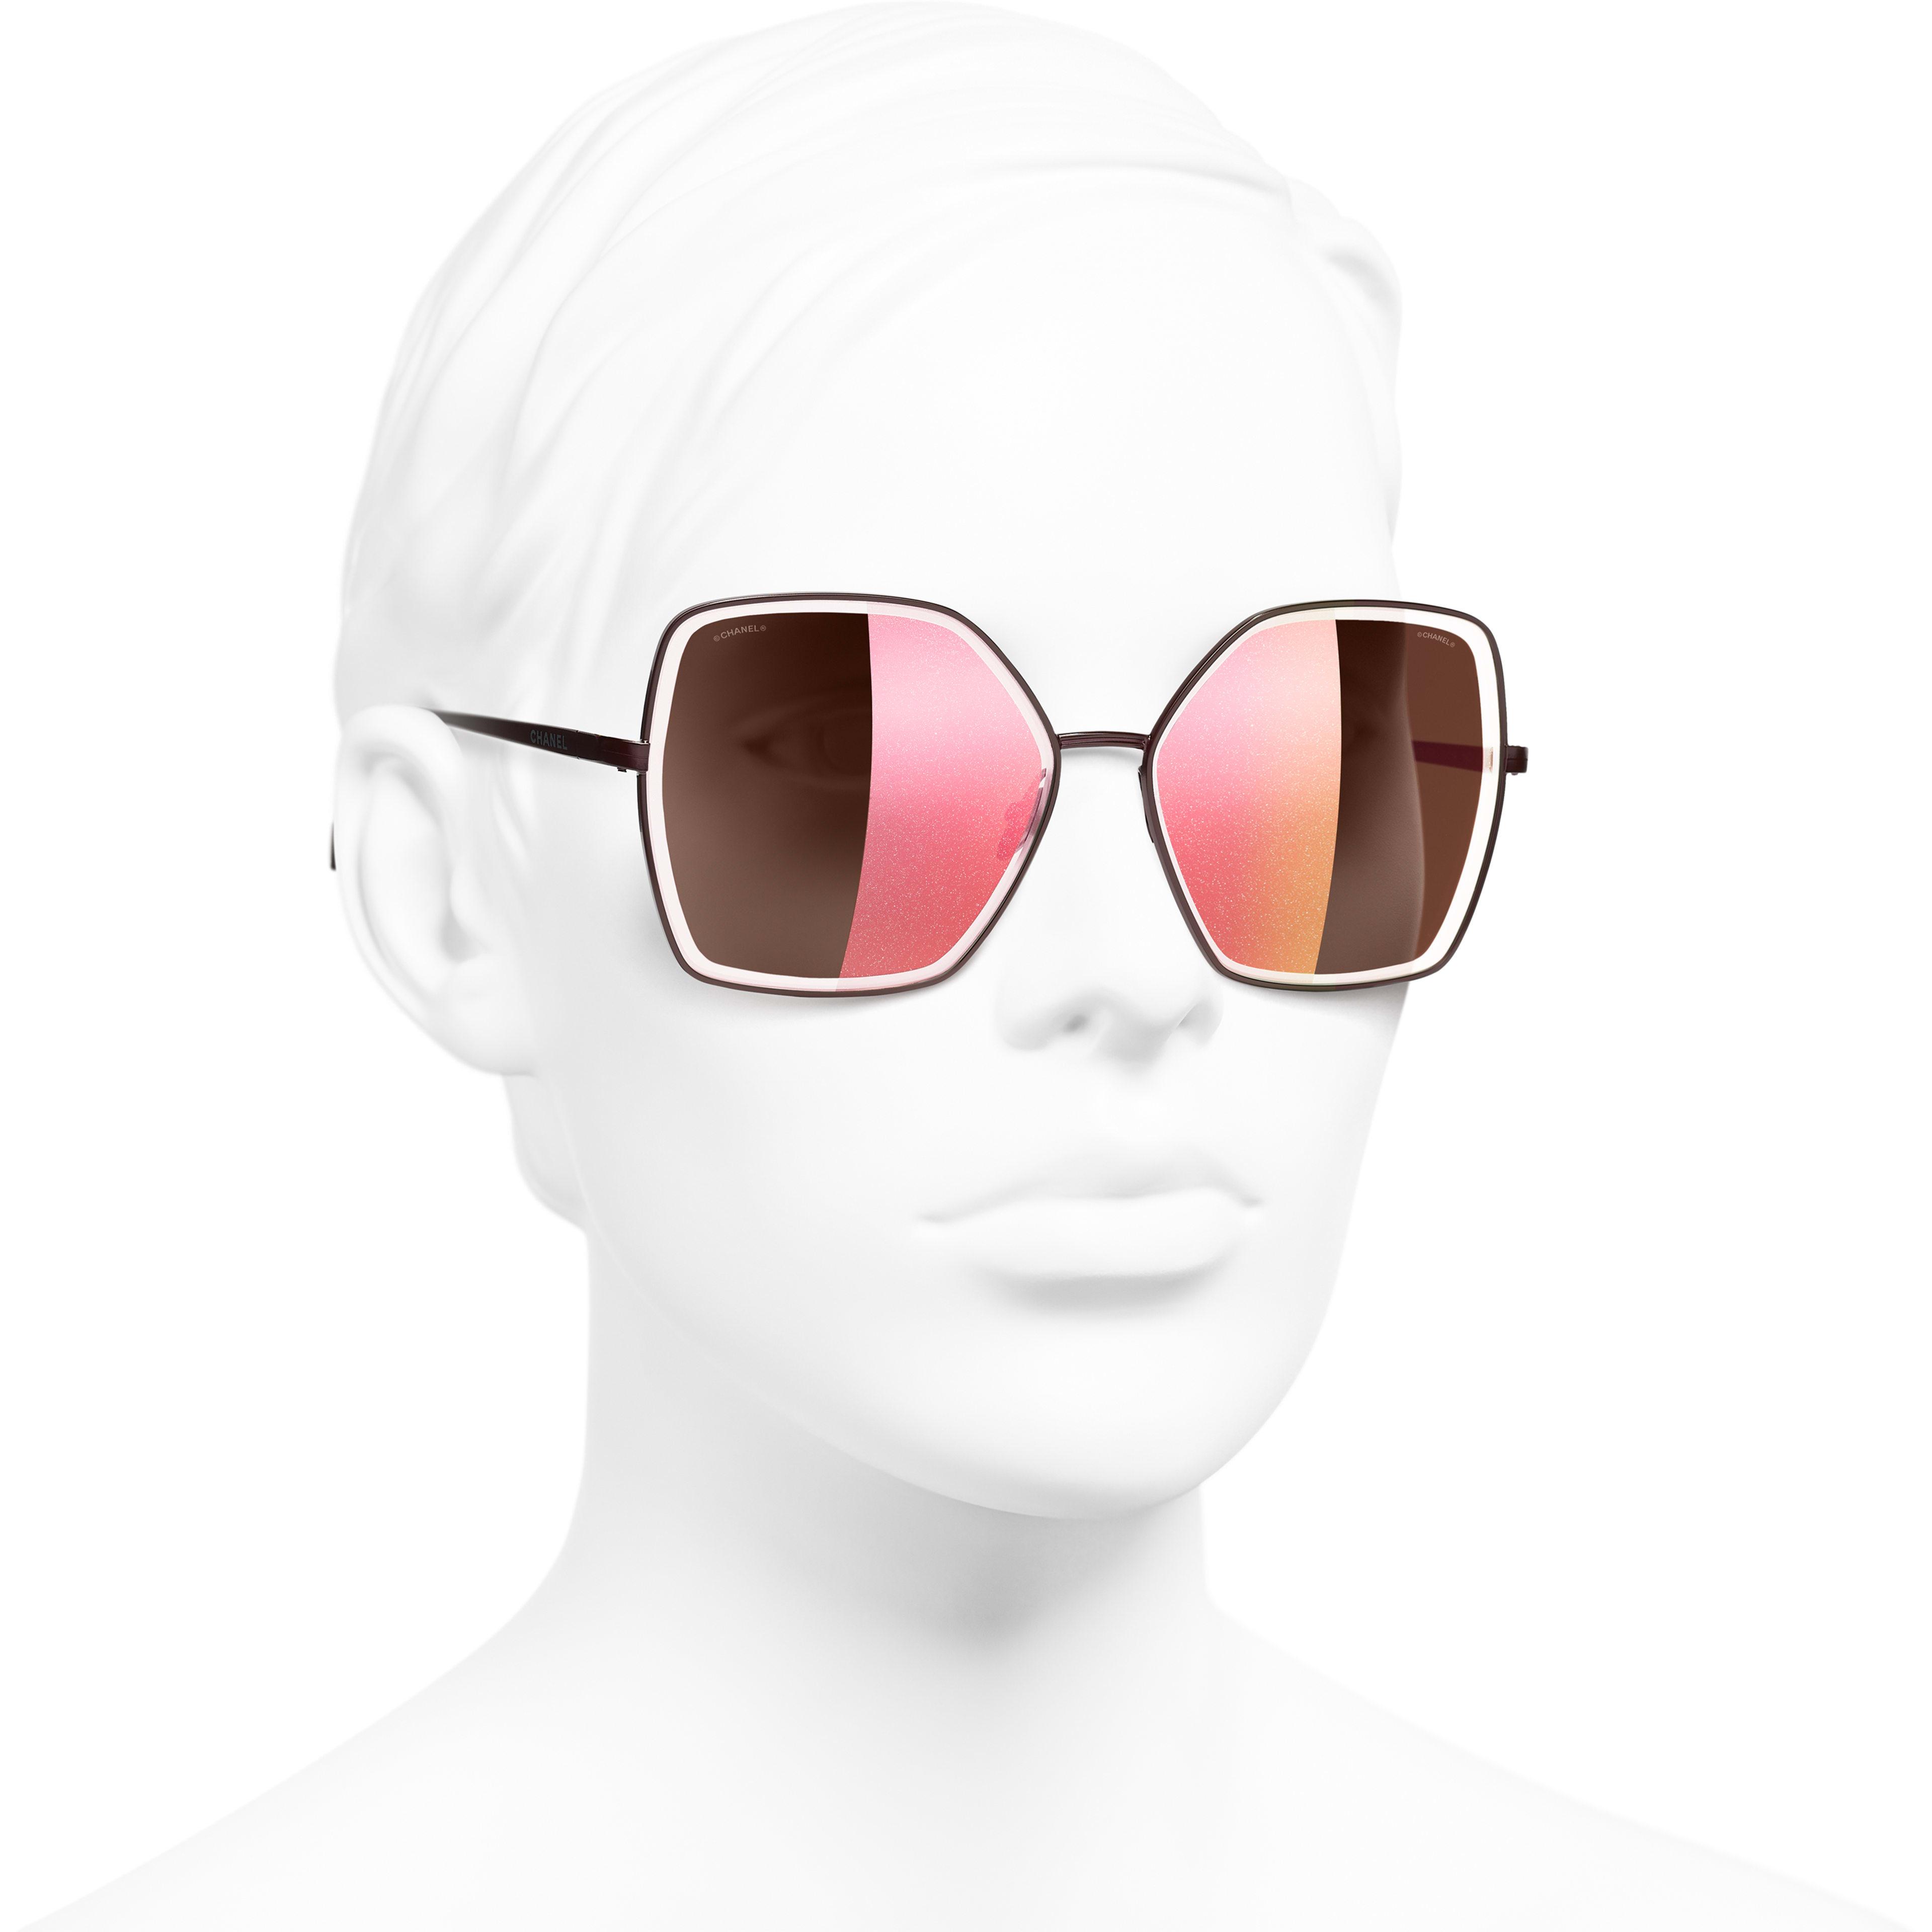 Gafas de sol montura mariposa - Rojo oscuro - Metal - CHANEL - Vista 3/4 puesto - ver la versión tamaño estándar